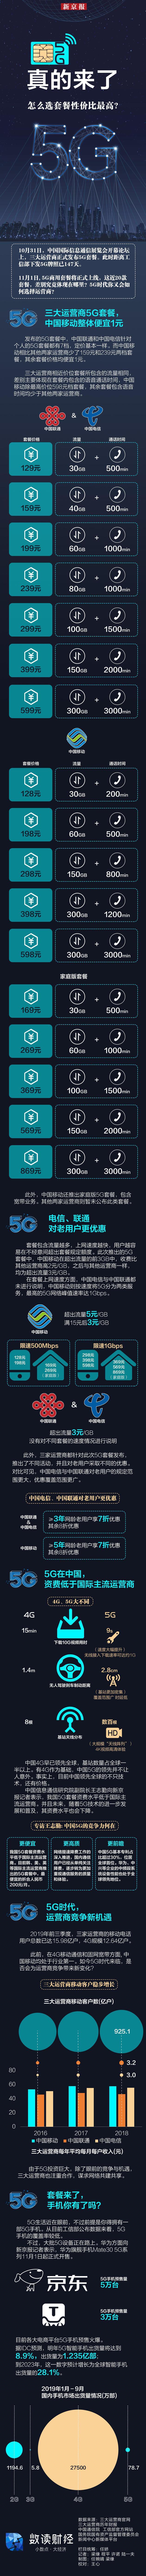 5G时代如何选择运营商呢?一图告诉你